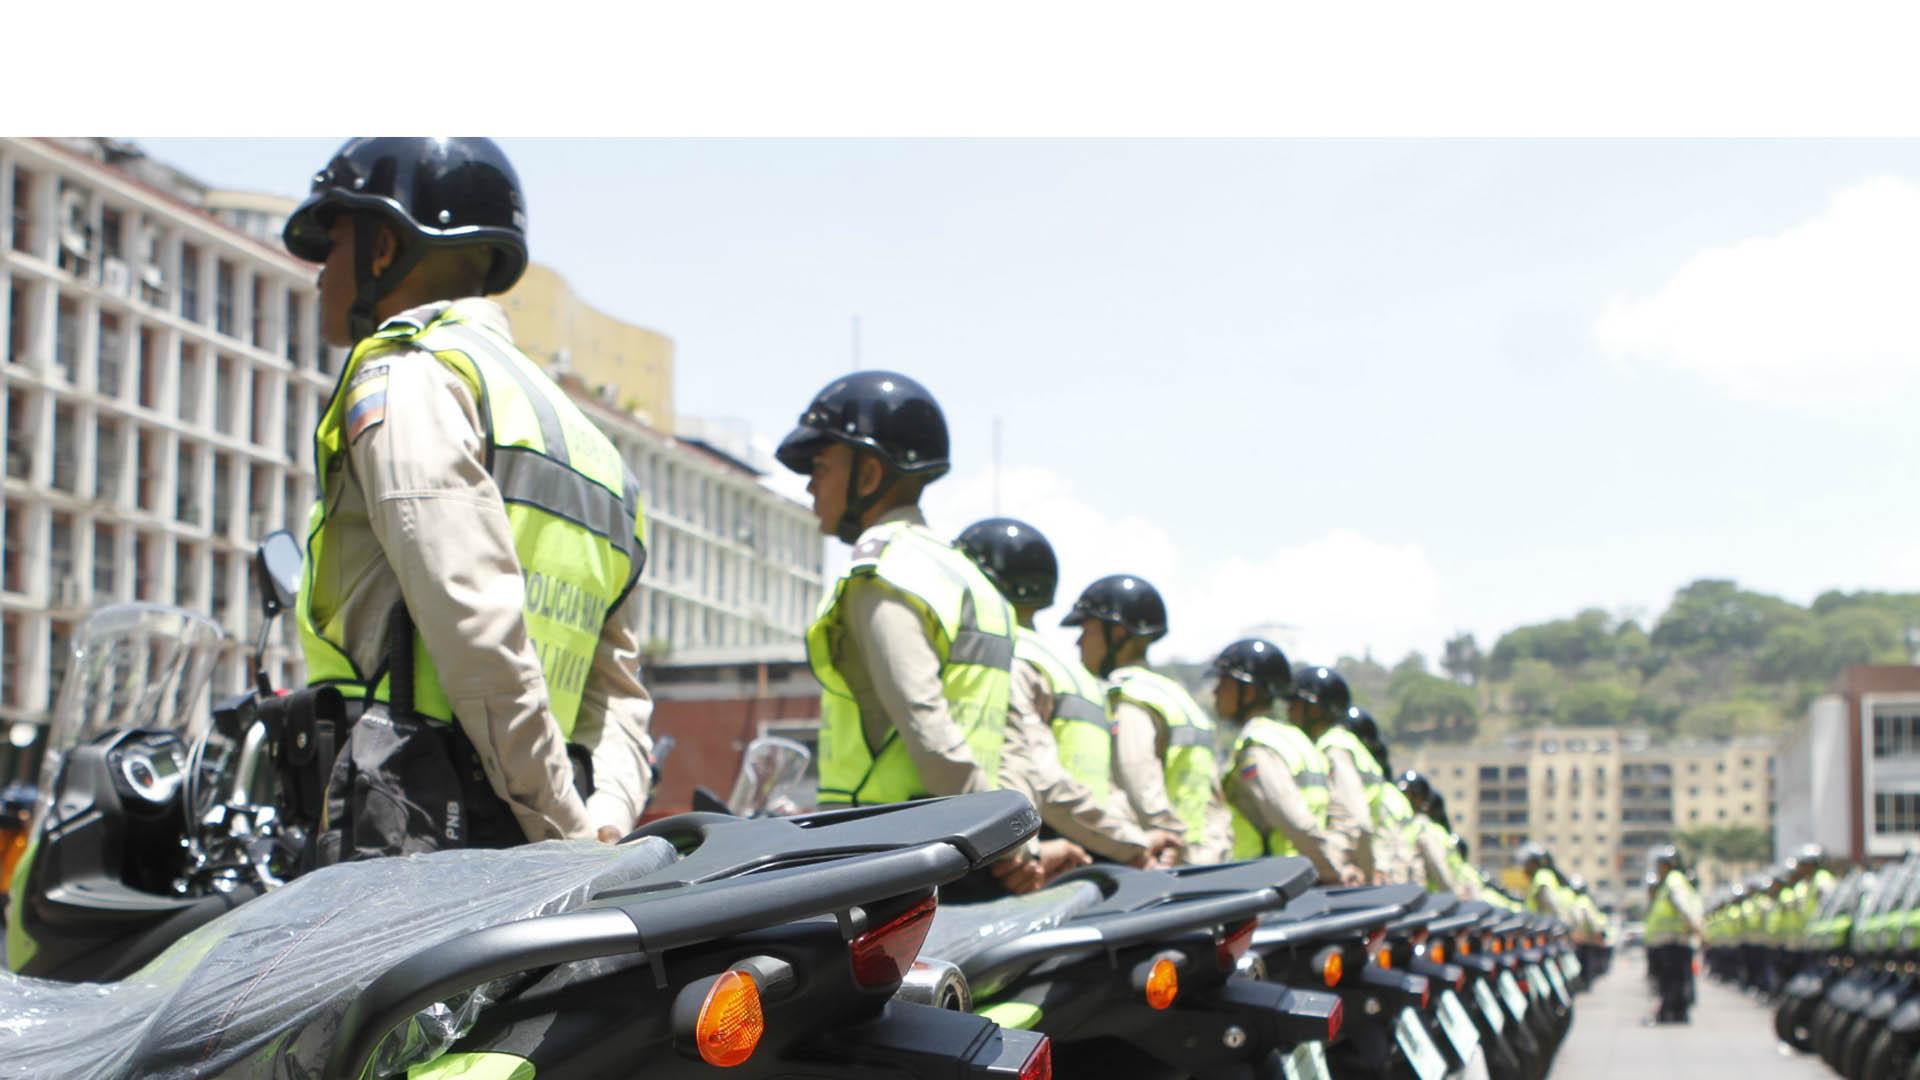 El director general del Cicpc, Douglas Rico, explicó que se trata de un despliegue de seguridad especial